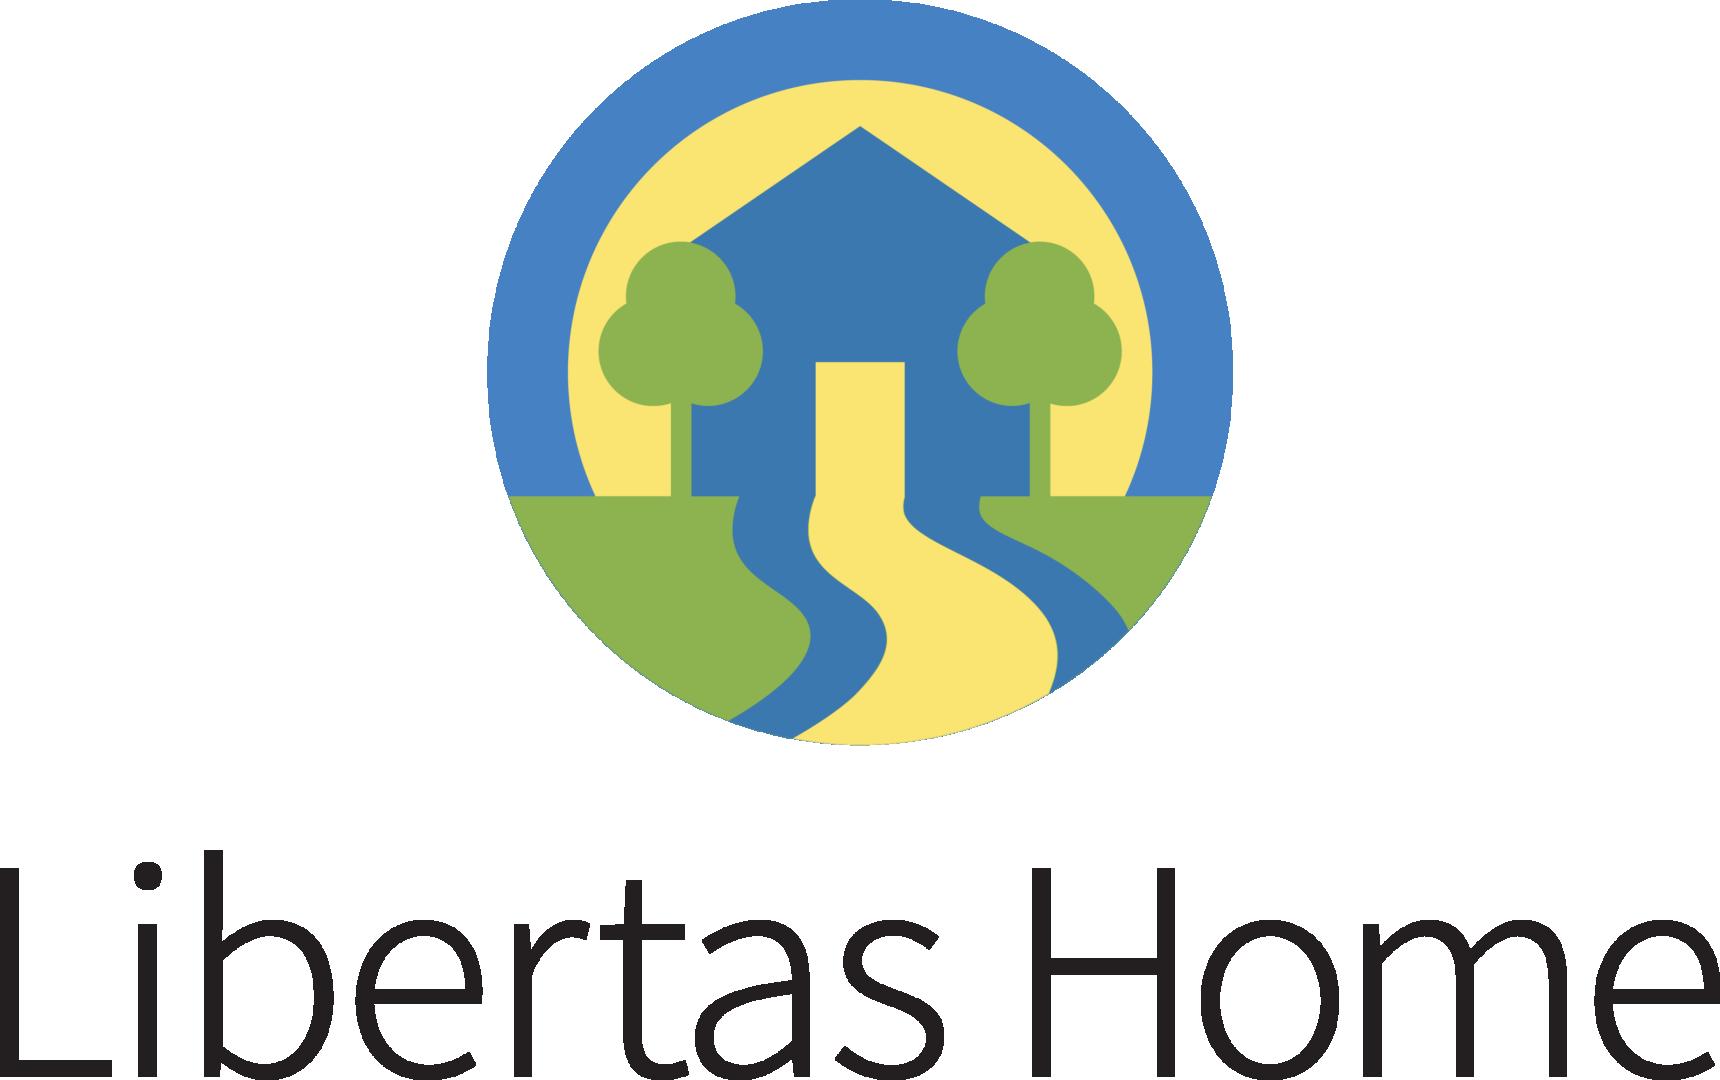 Libertas Home Logo